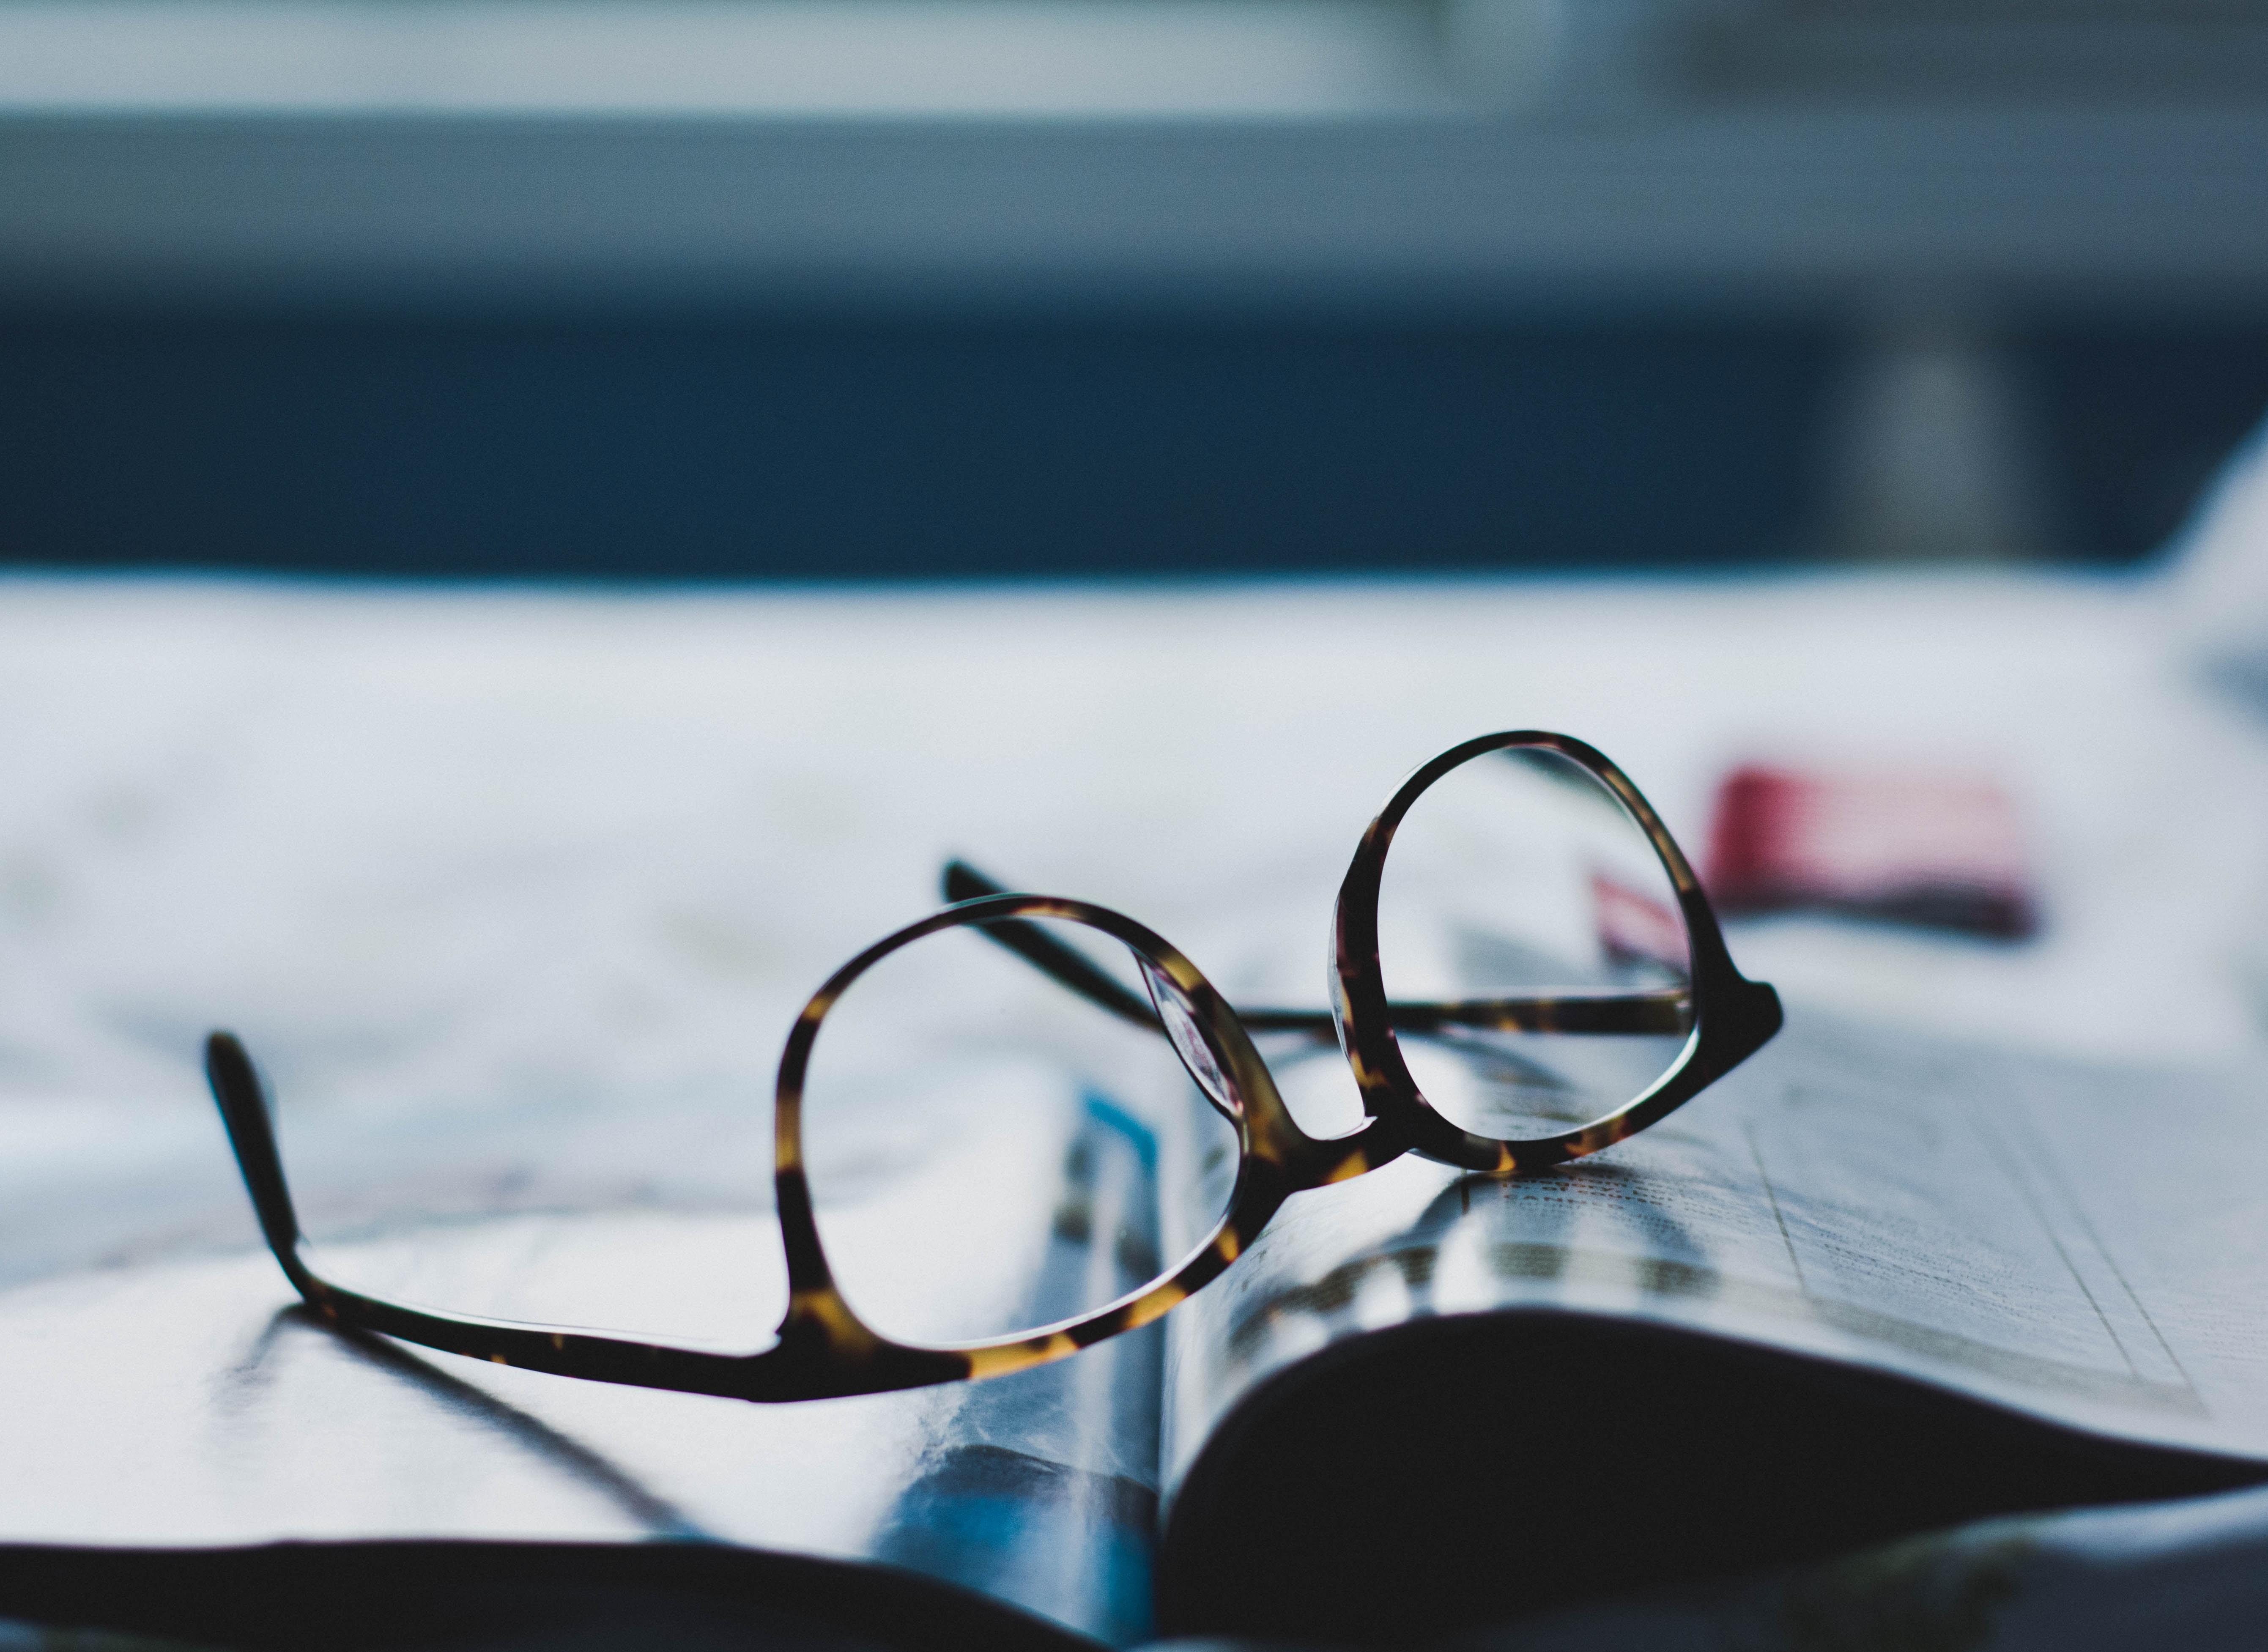 雑誌の眼鏡